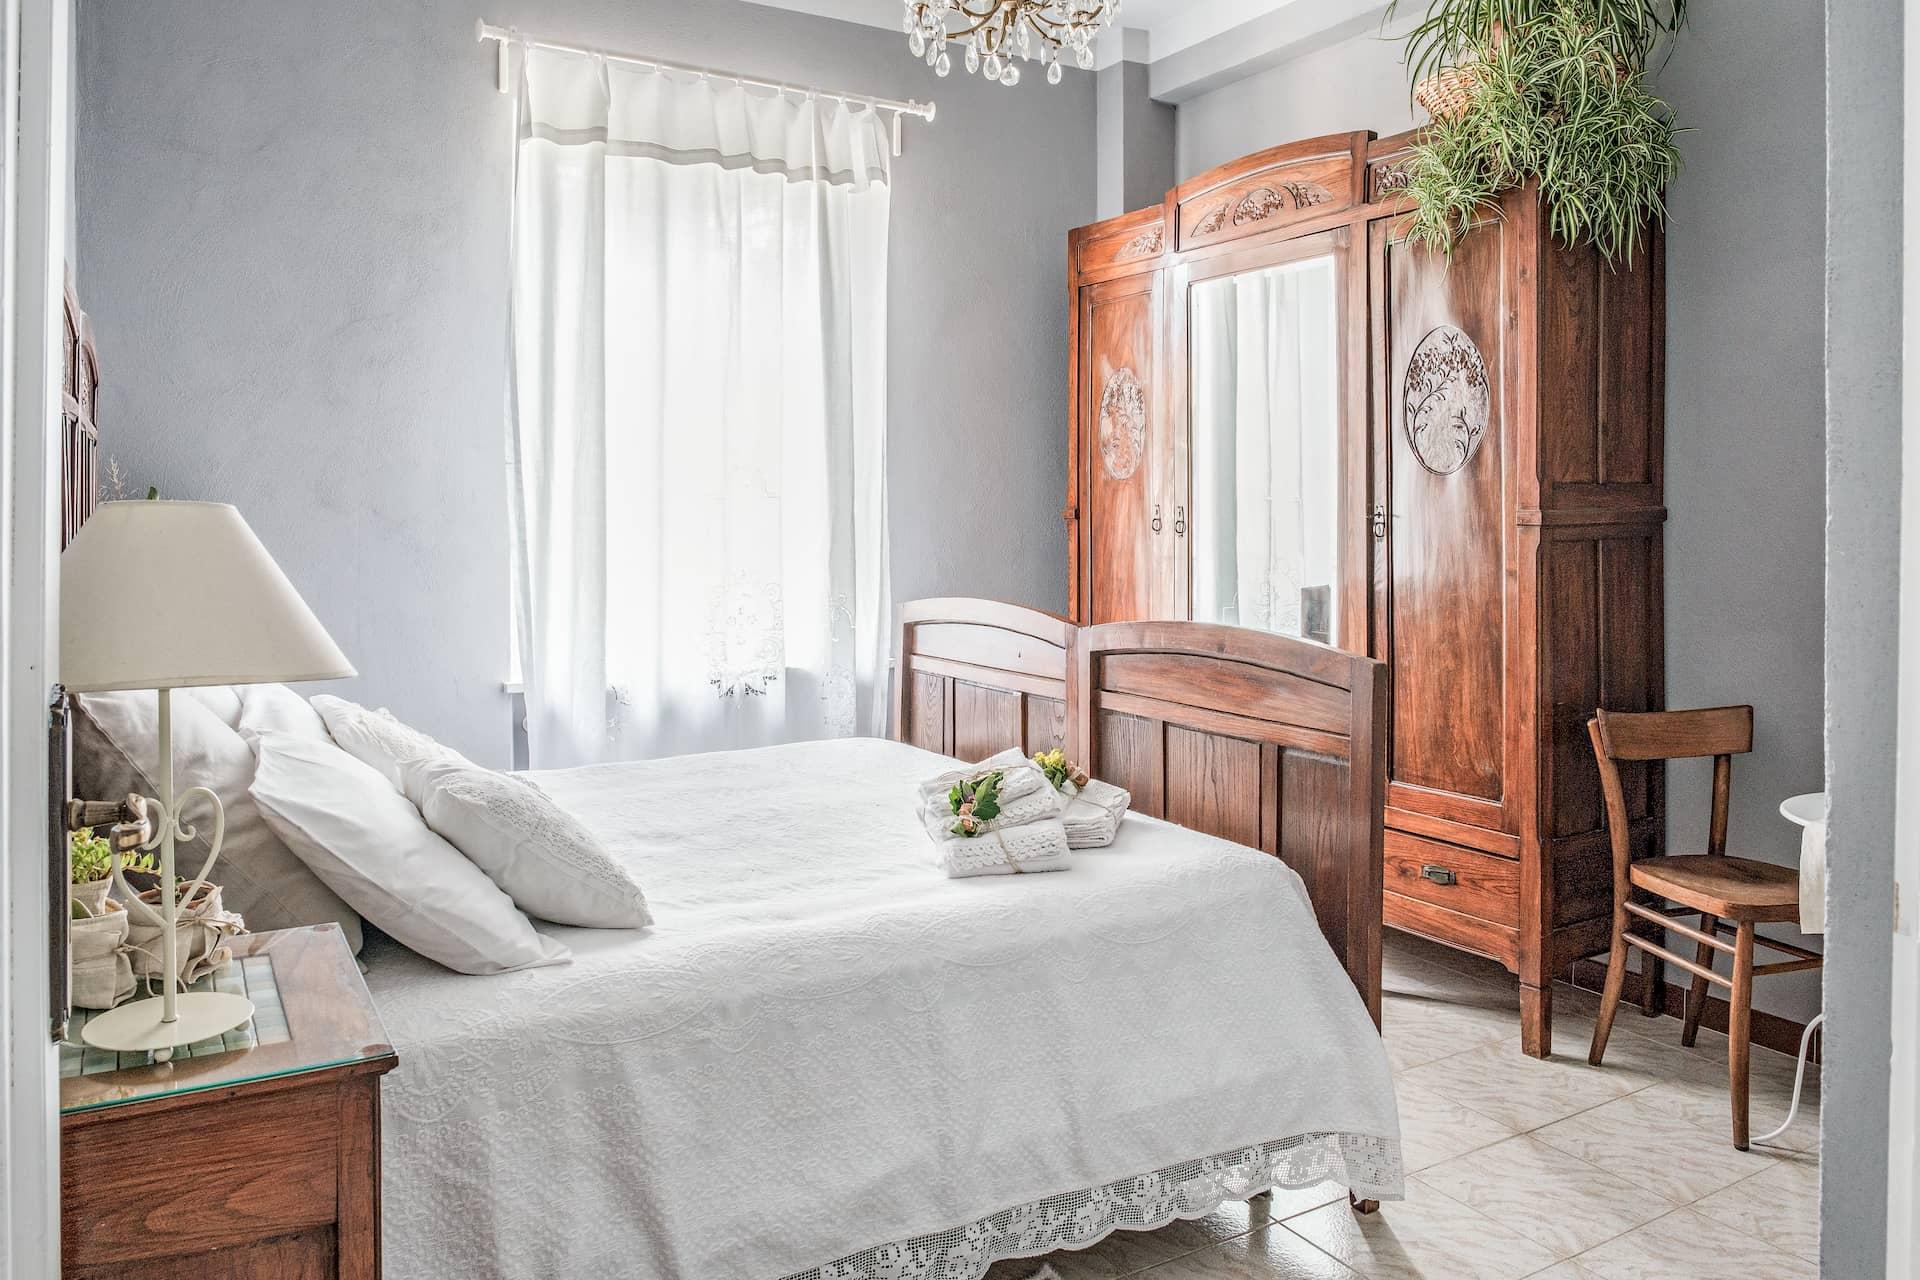 Camera quadrupla - Stanza di nonna - Affitta camere - Villa Curt Nicia - Nizza Monferrato